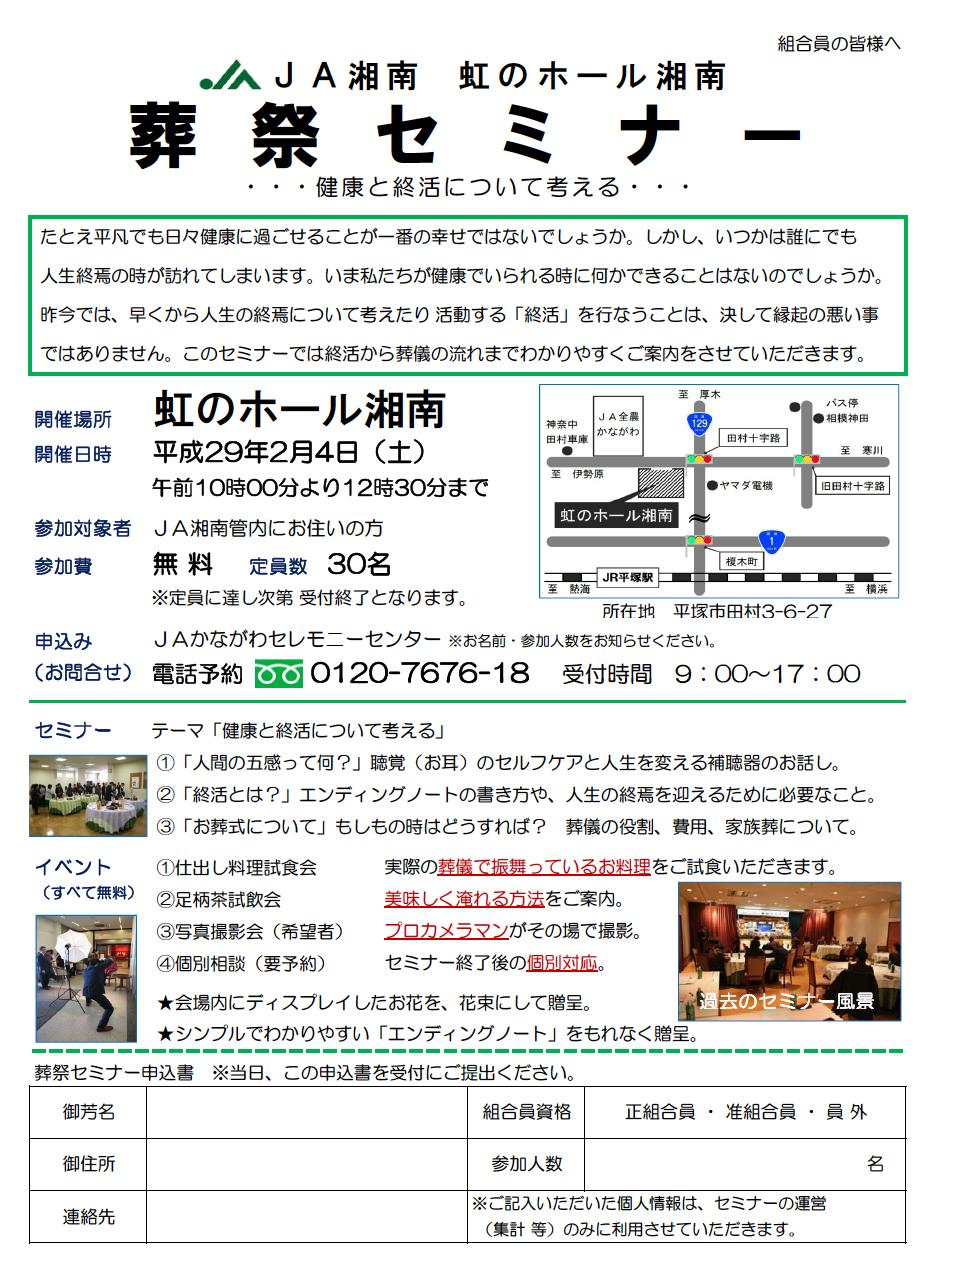 JA湘南 虹のホール湘南 葬祭セミナー